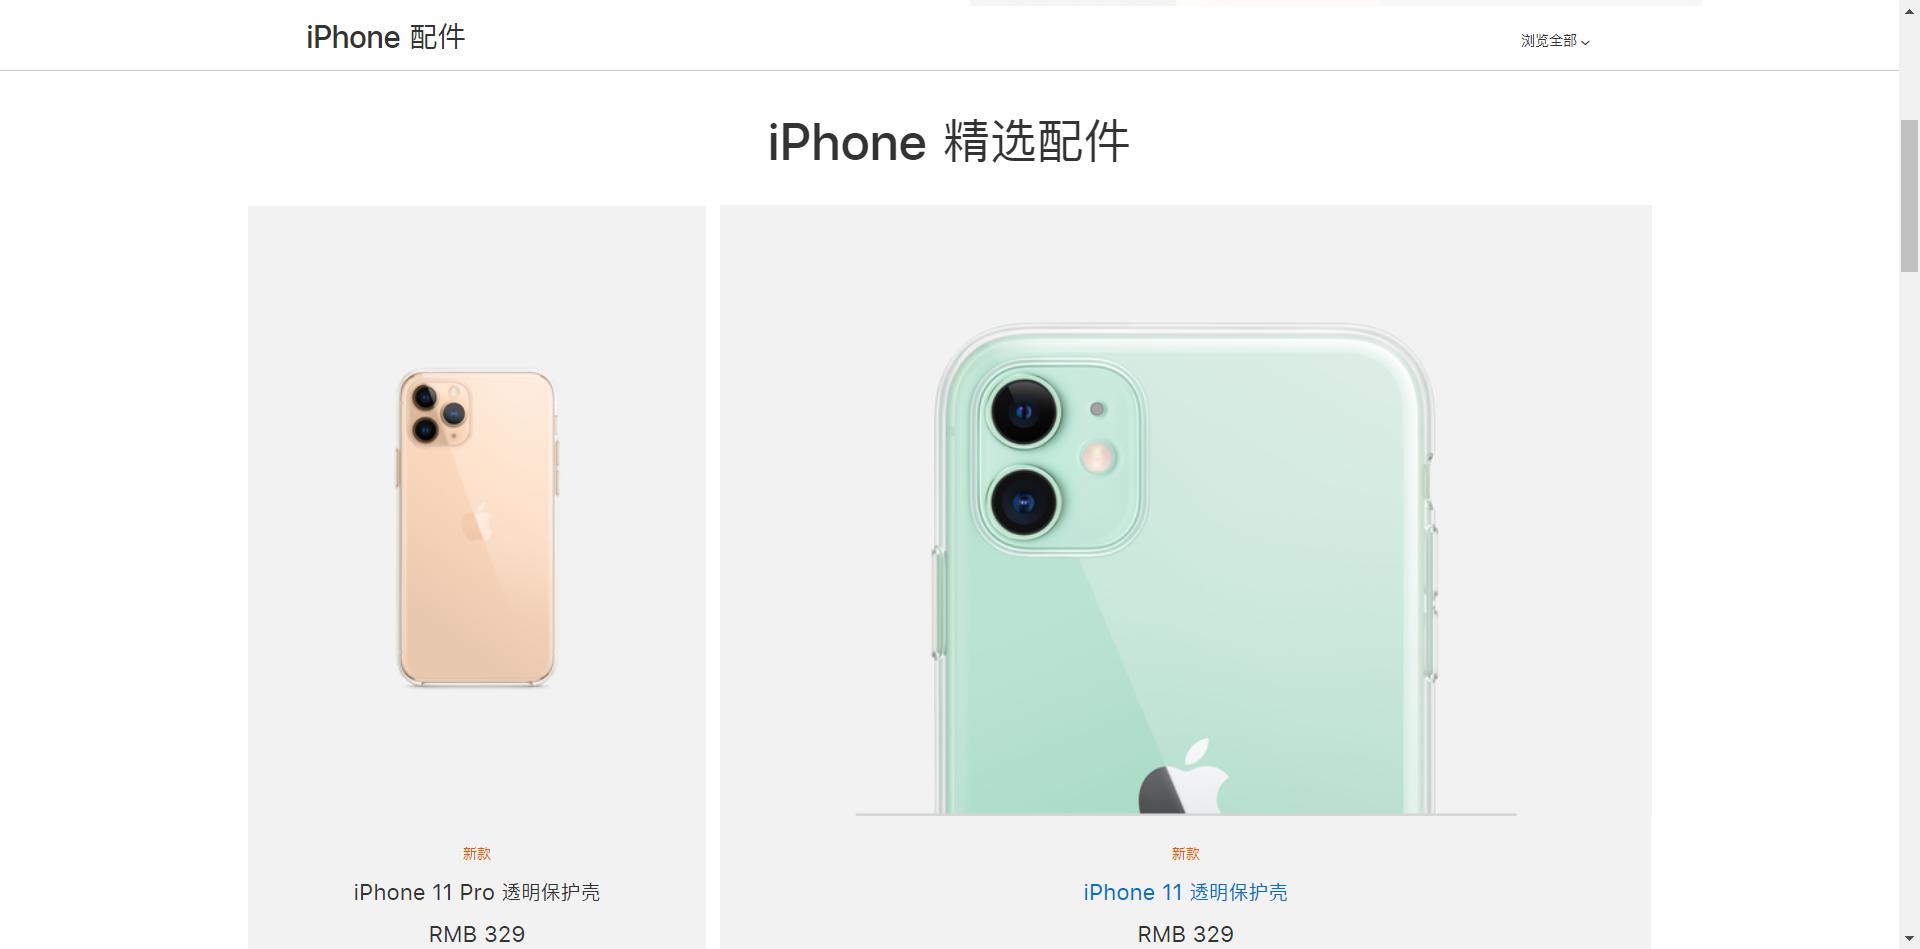 新iPhone保护壳上架 最贵高达999元